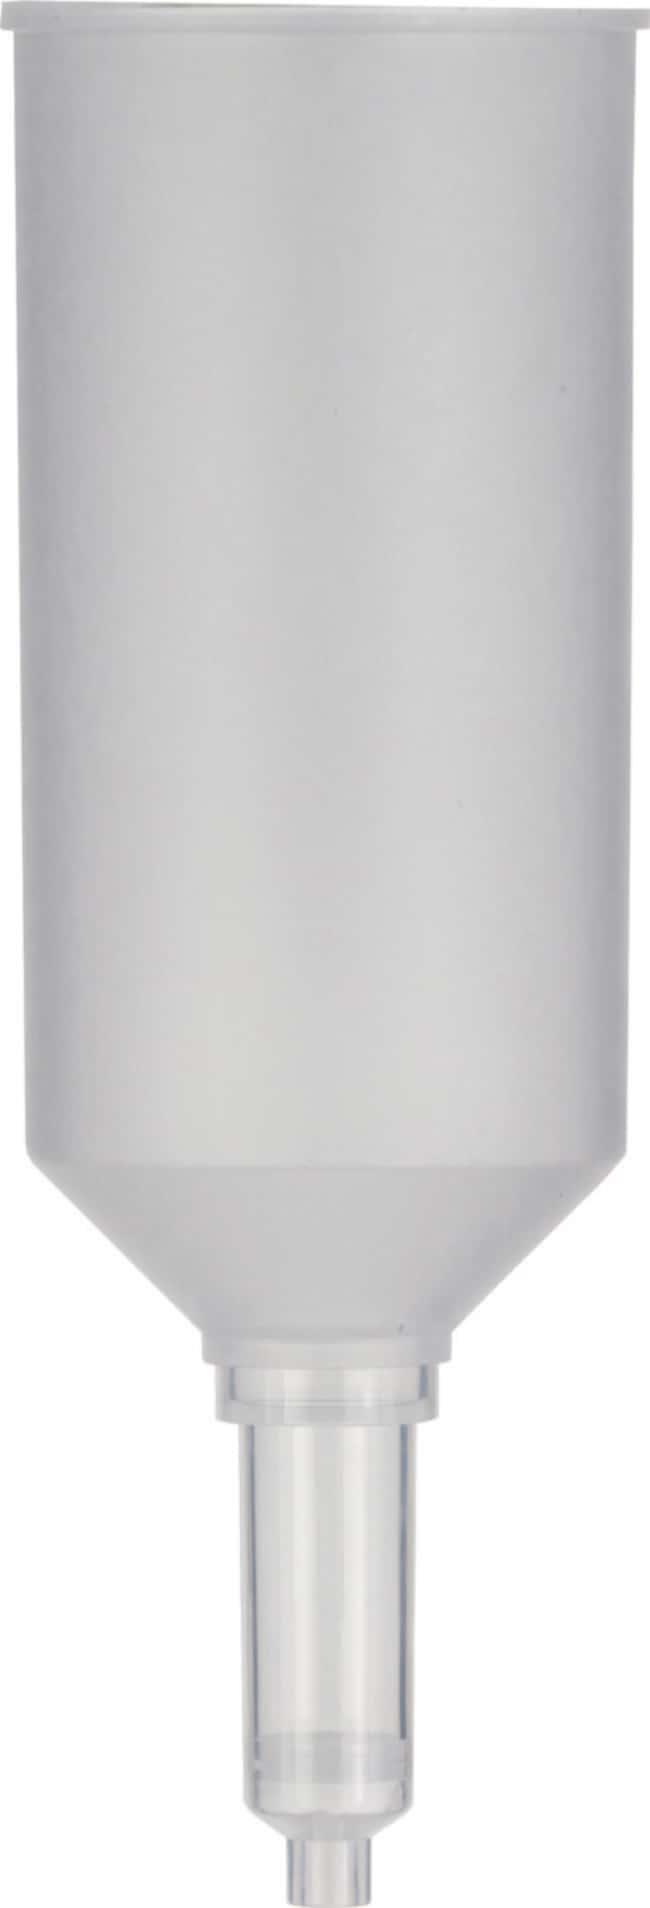 Macherey-Nagel™NucleoSnap™ Plasmid-Midi-Säulen 50 Säulen Macherey-Nagel™NucleoSnap™ Plasmid-Midi-Säulen